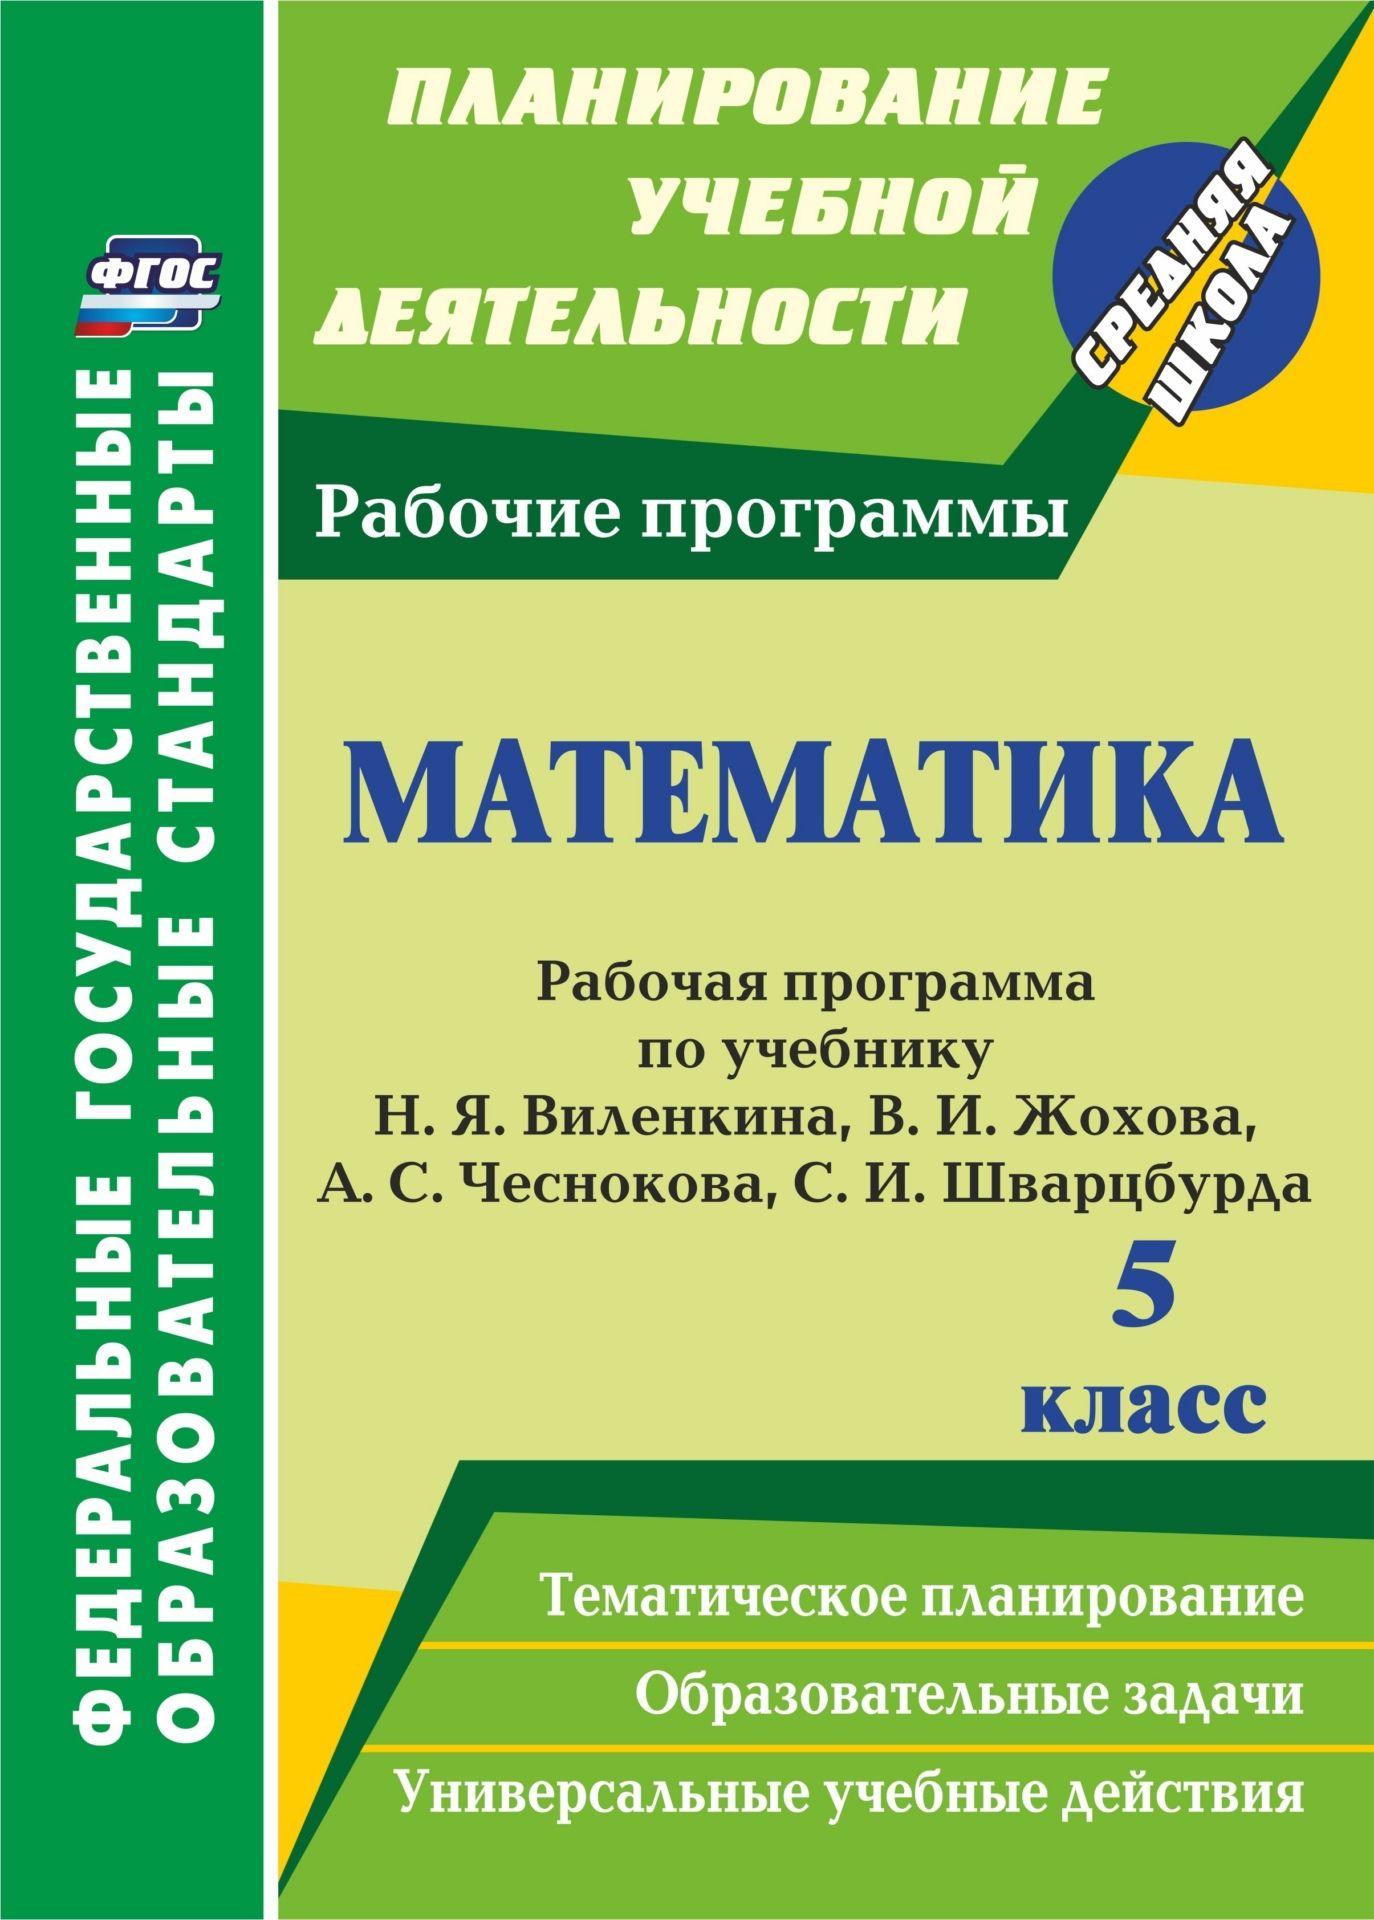 Математика, 5 класс : рабочая программа по учебнику Н,Я, Виленкина В,И, Жохова, А,С, Че…